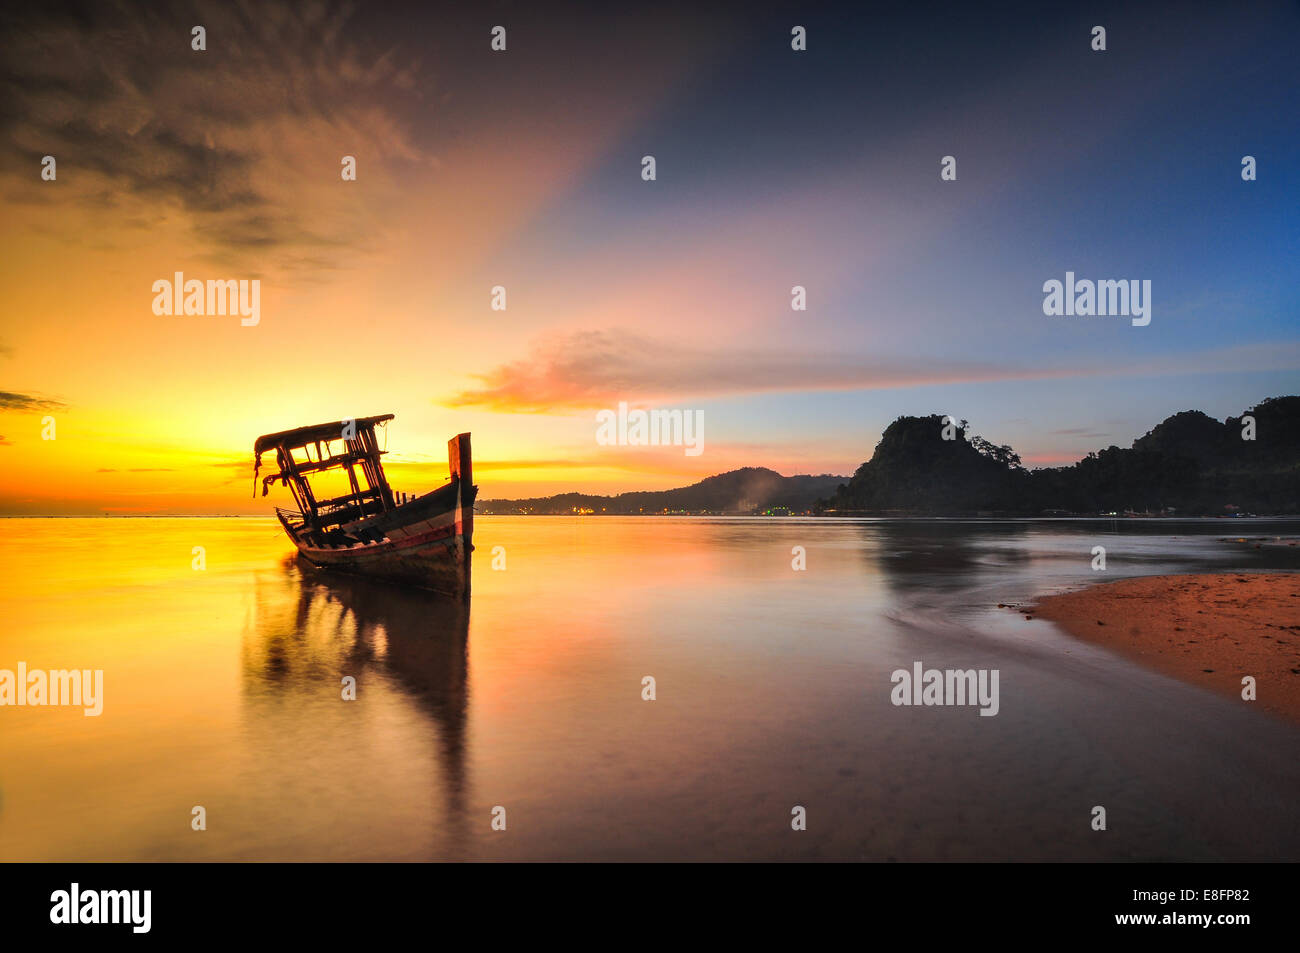 Kambodscha, Ansicht des Tongkang am Meer bei Sonnenaufgang Stockbild